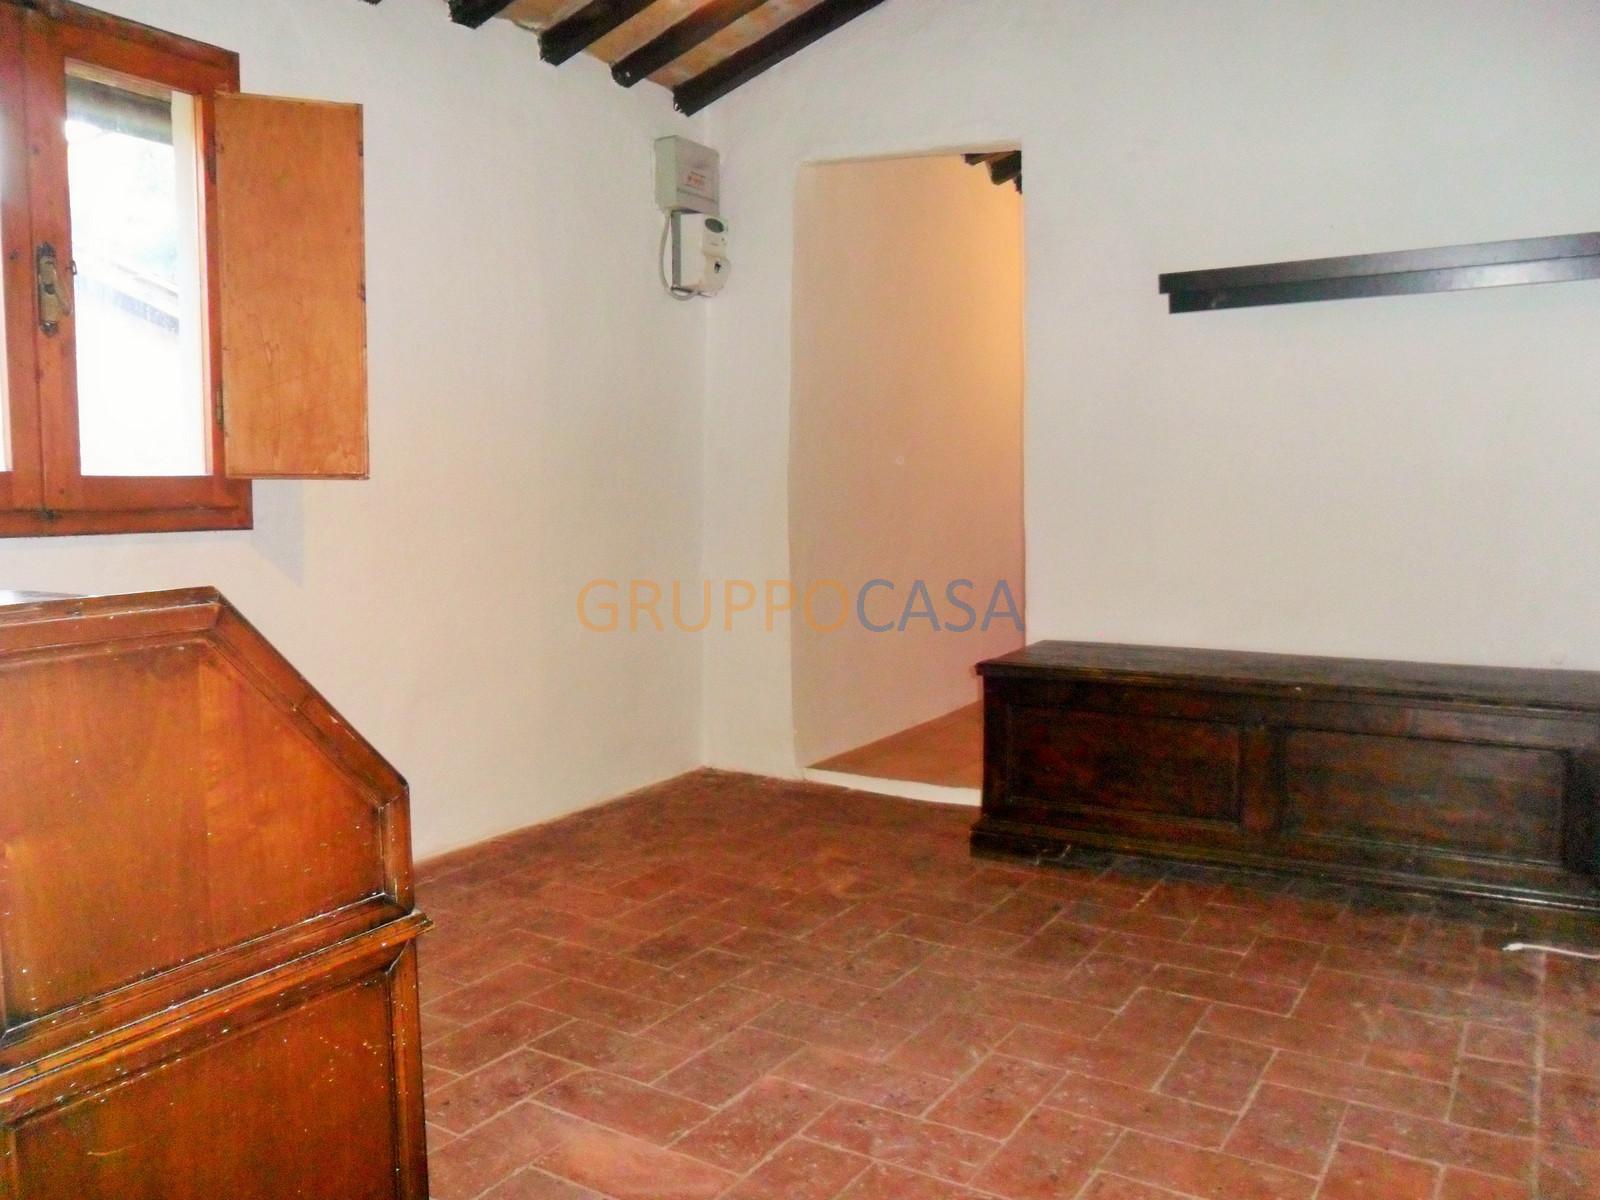 Appartamento in affitto a Pescia, 3 locali, zona Località: Centro, prezzo € 300 | Cambio Casa.it